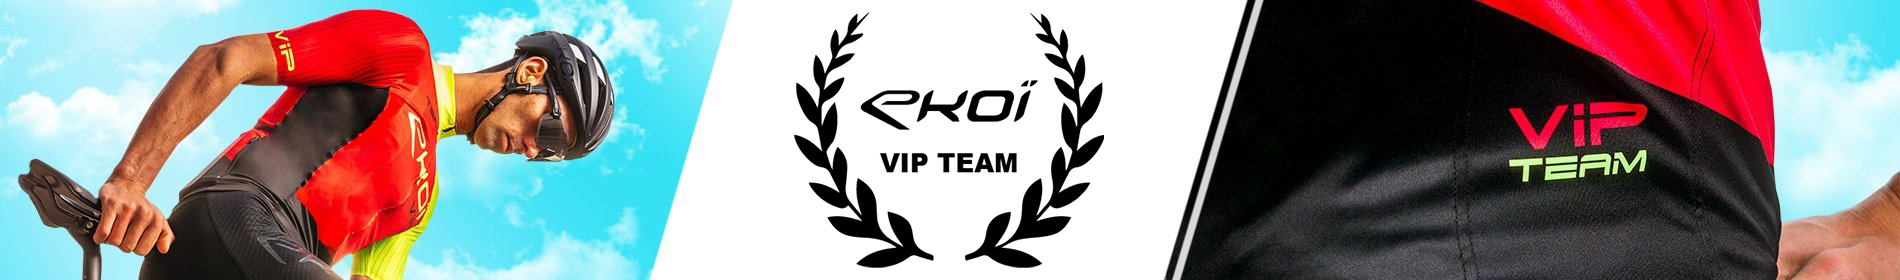 Club VIP Ekoï